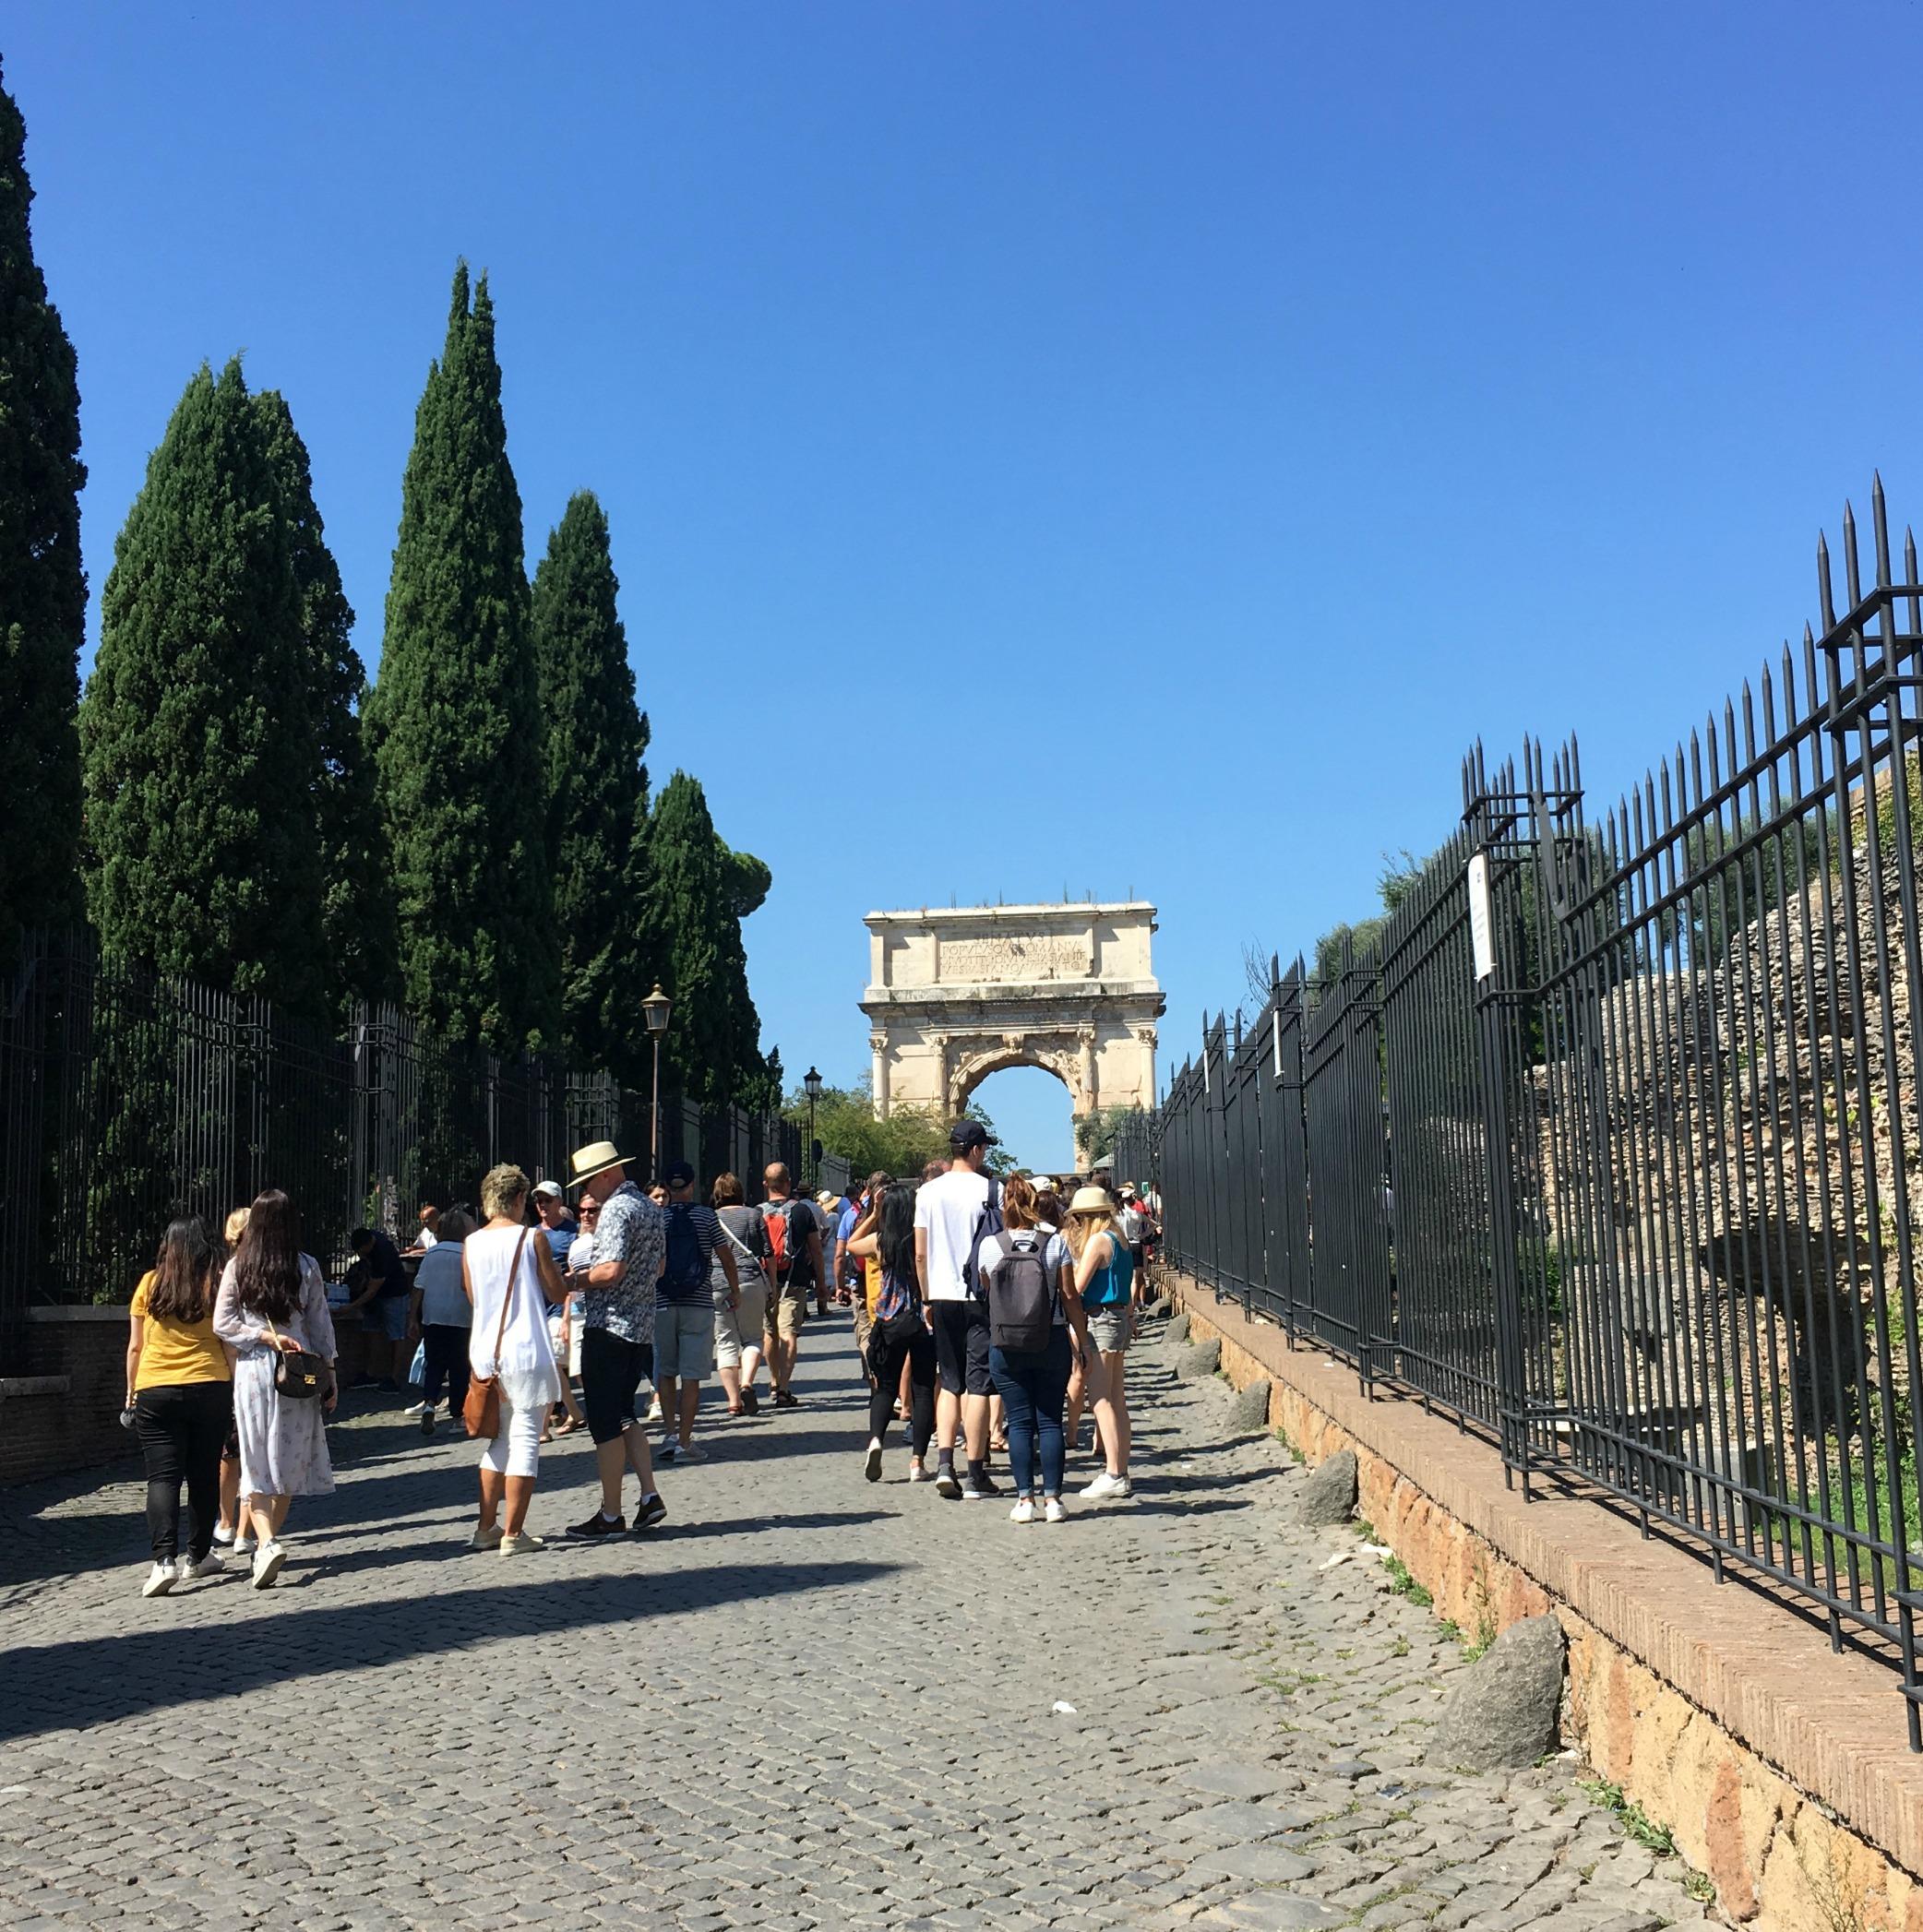 Entrance line at Roman Forum